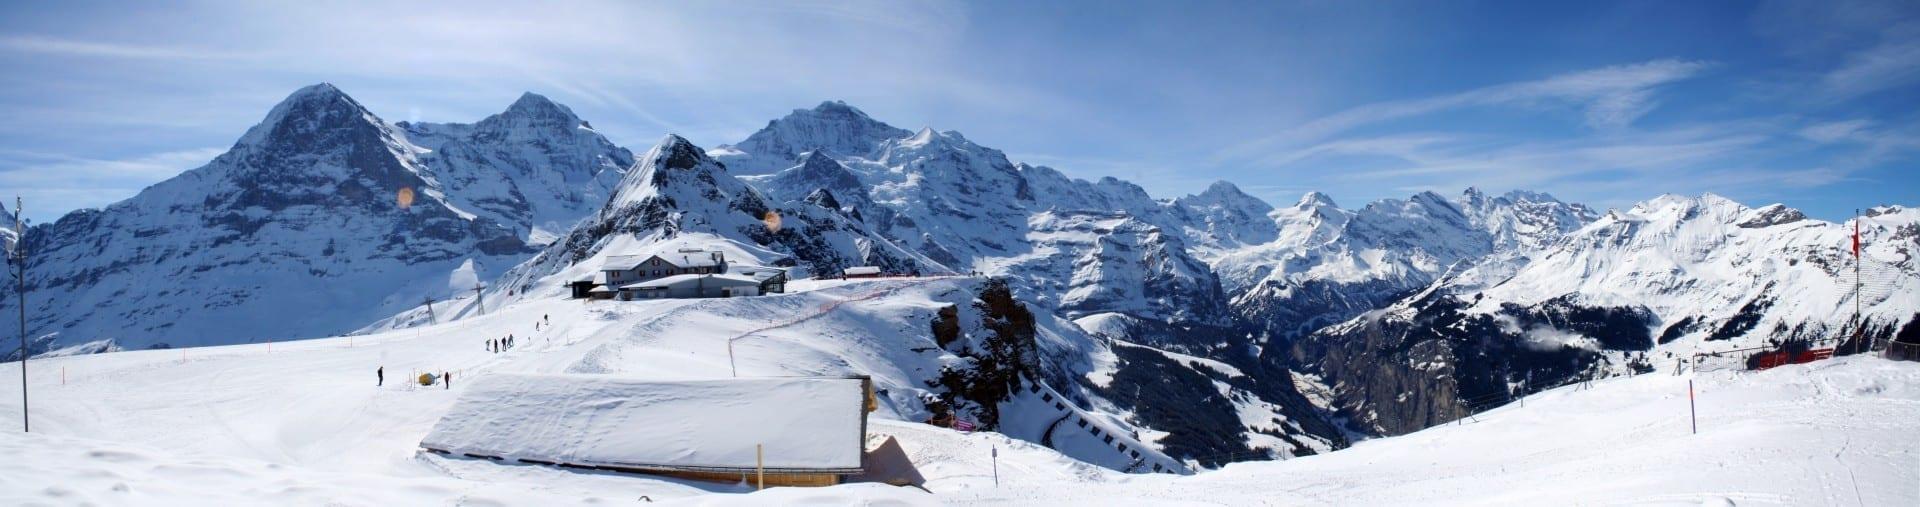 Región de deportes de invierno de Jungfrau Interlaken Suiza